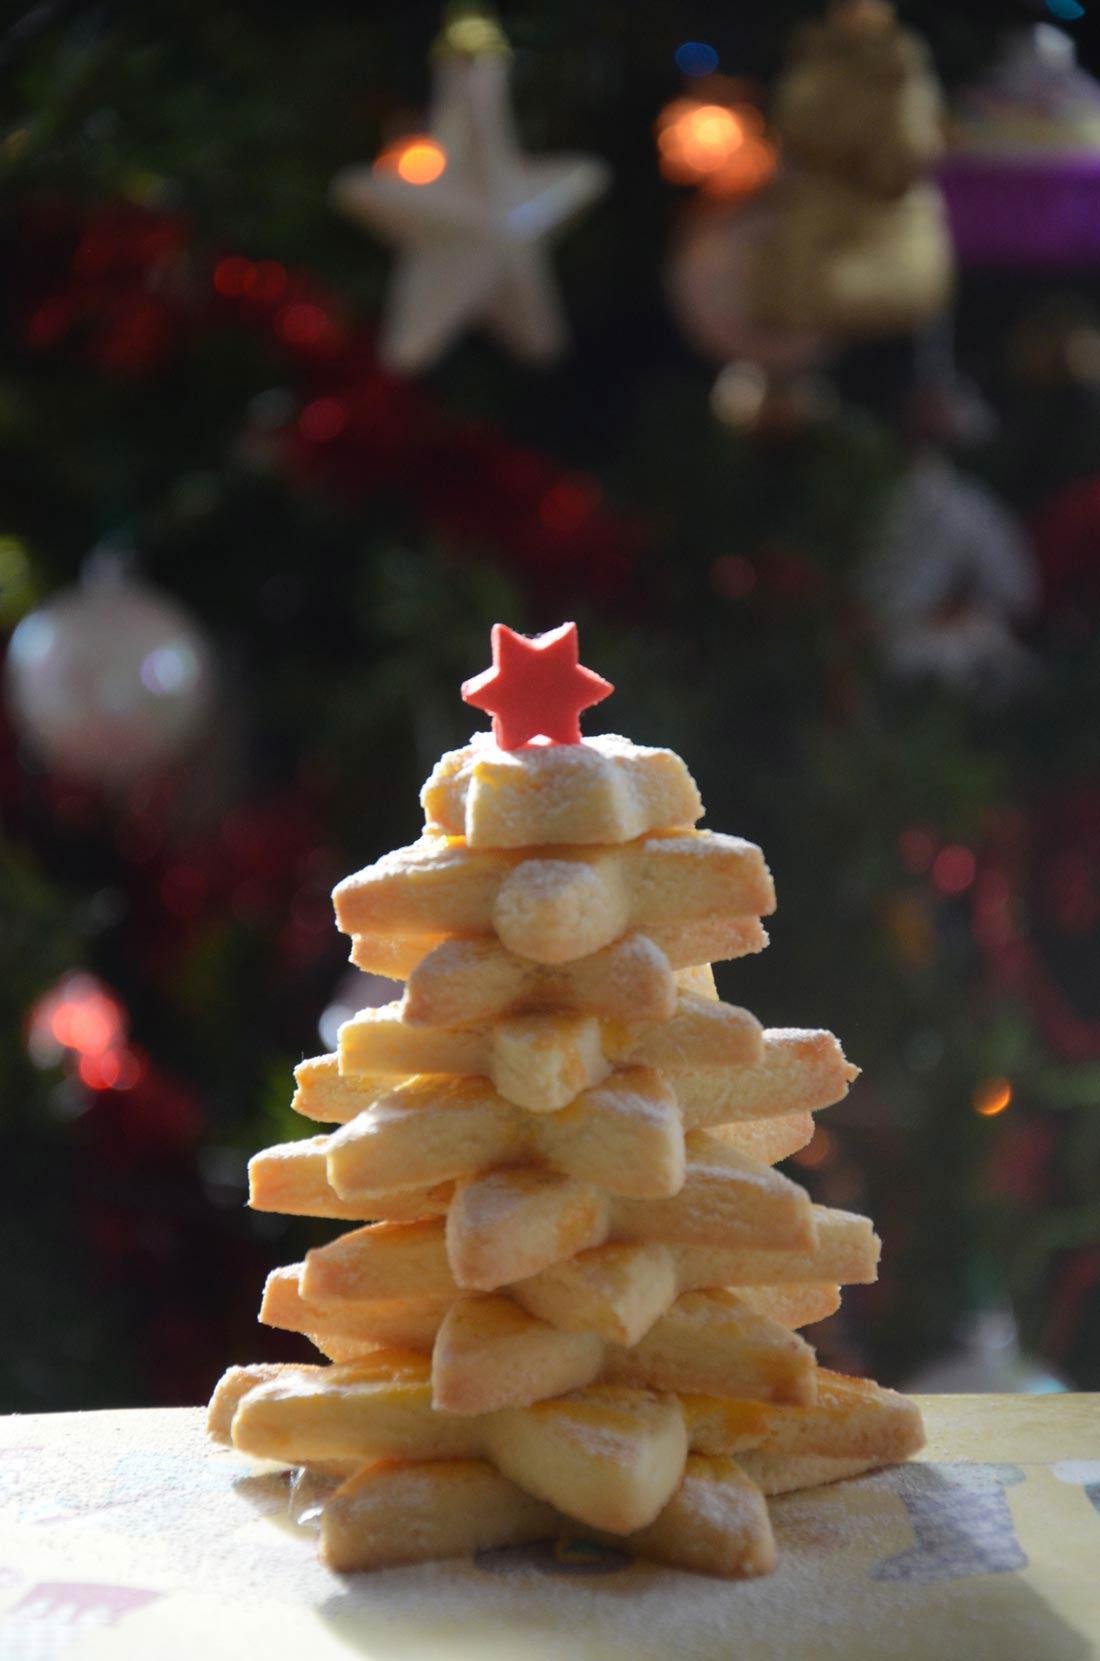 la recette de butterbredele alsaciens : un super cadeau gourmand pour les fêtes de Noël